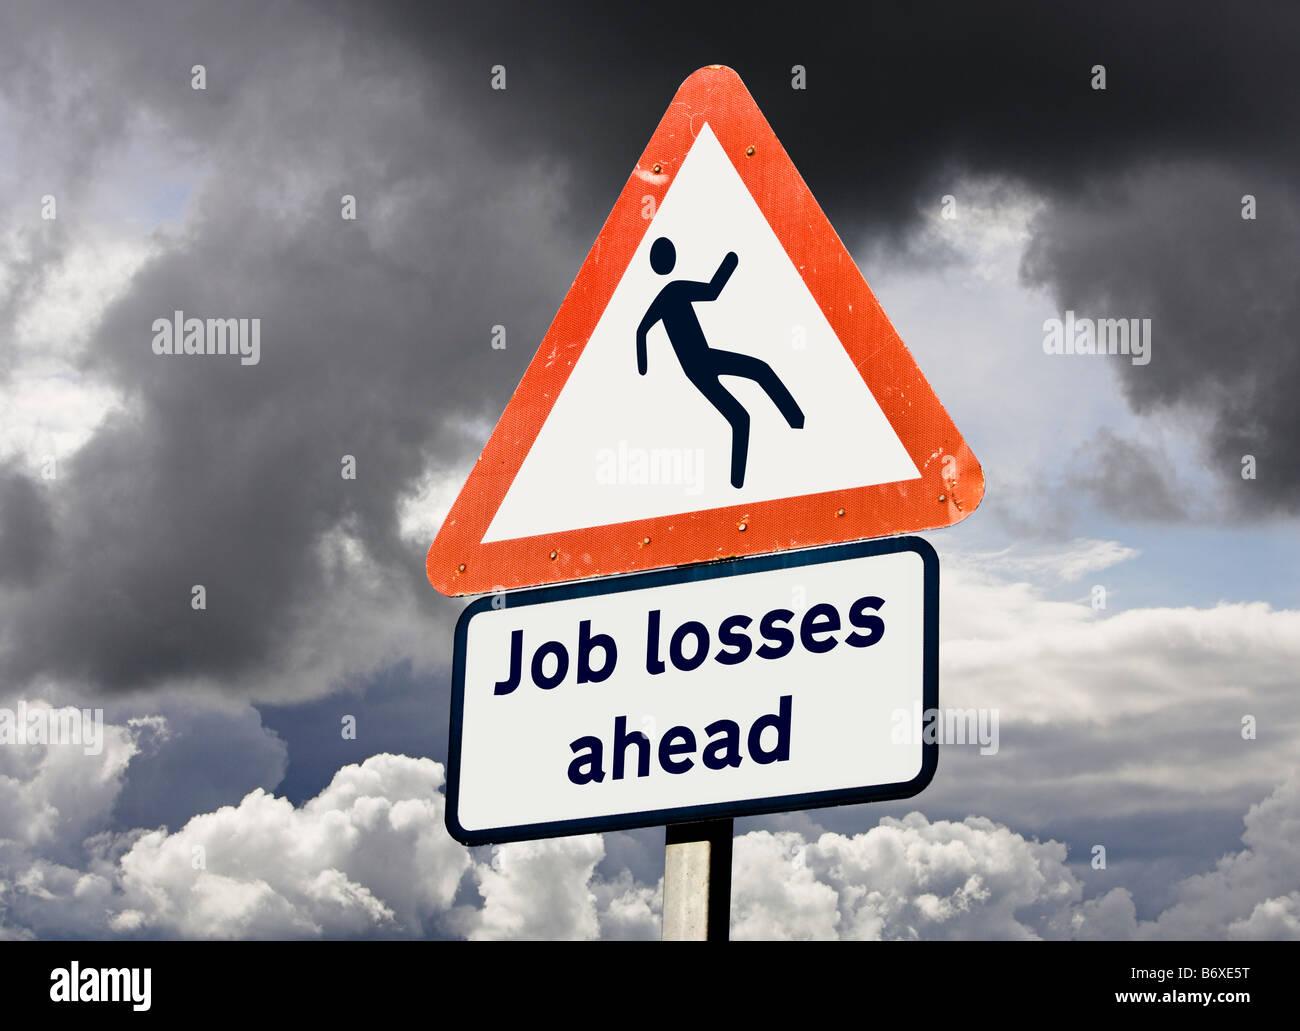 Unemployment job losses concept UK - Stock Image